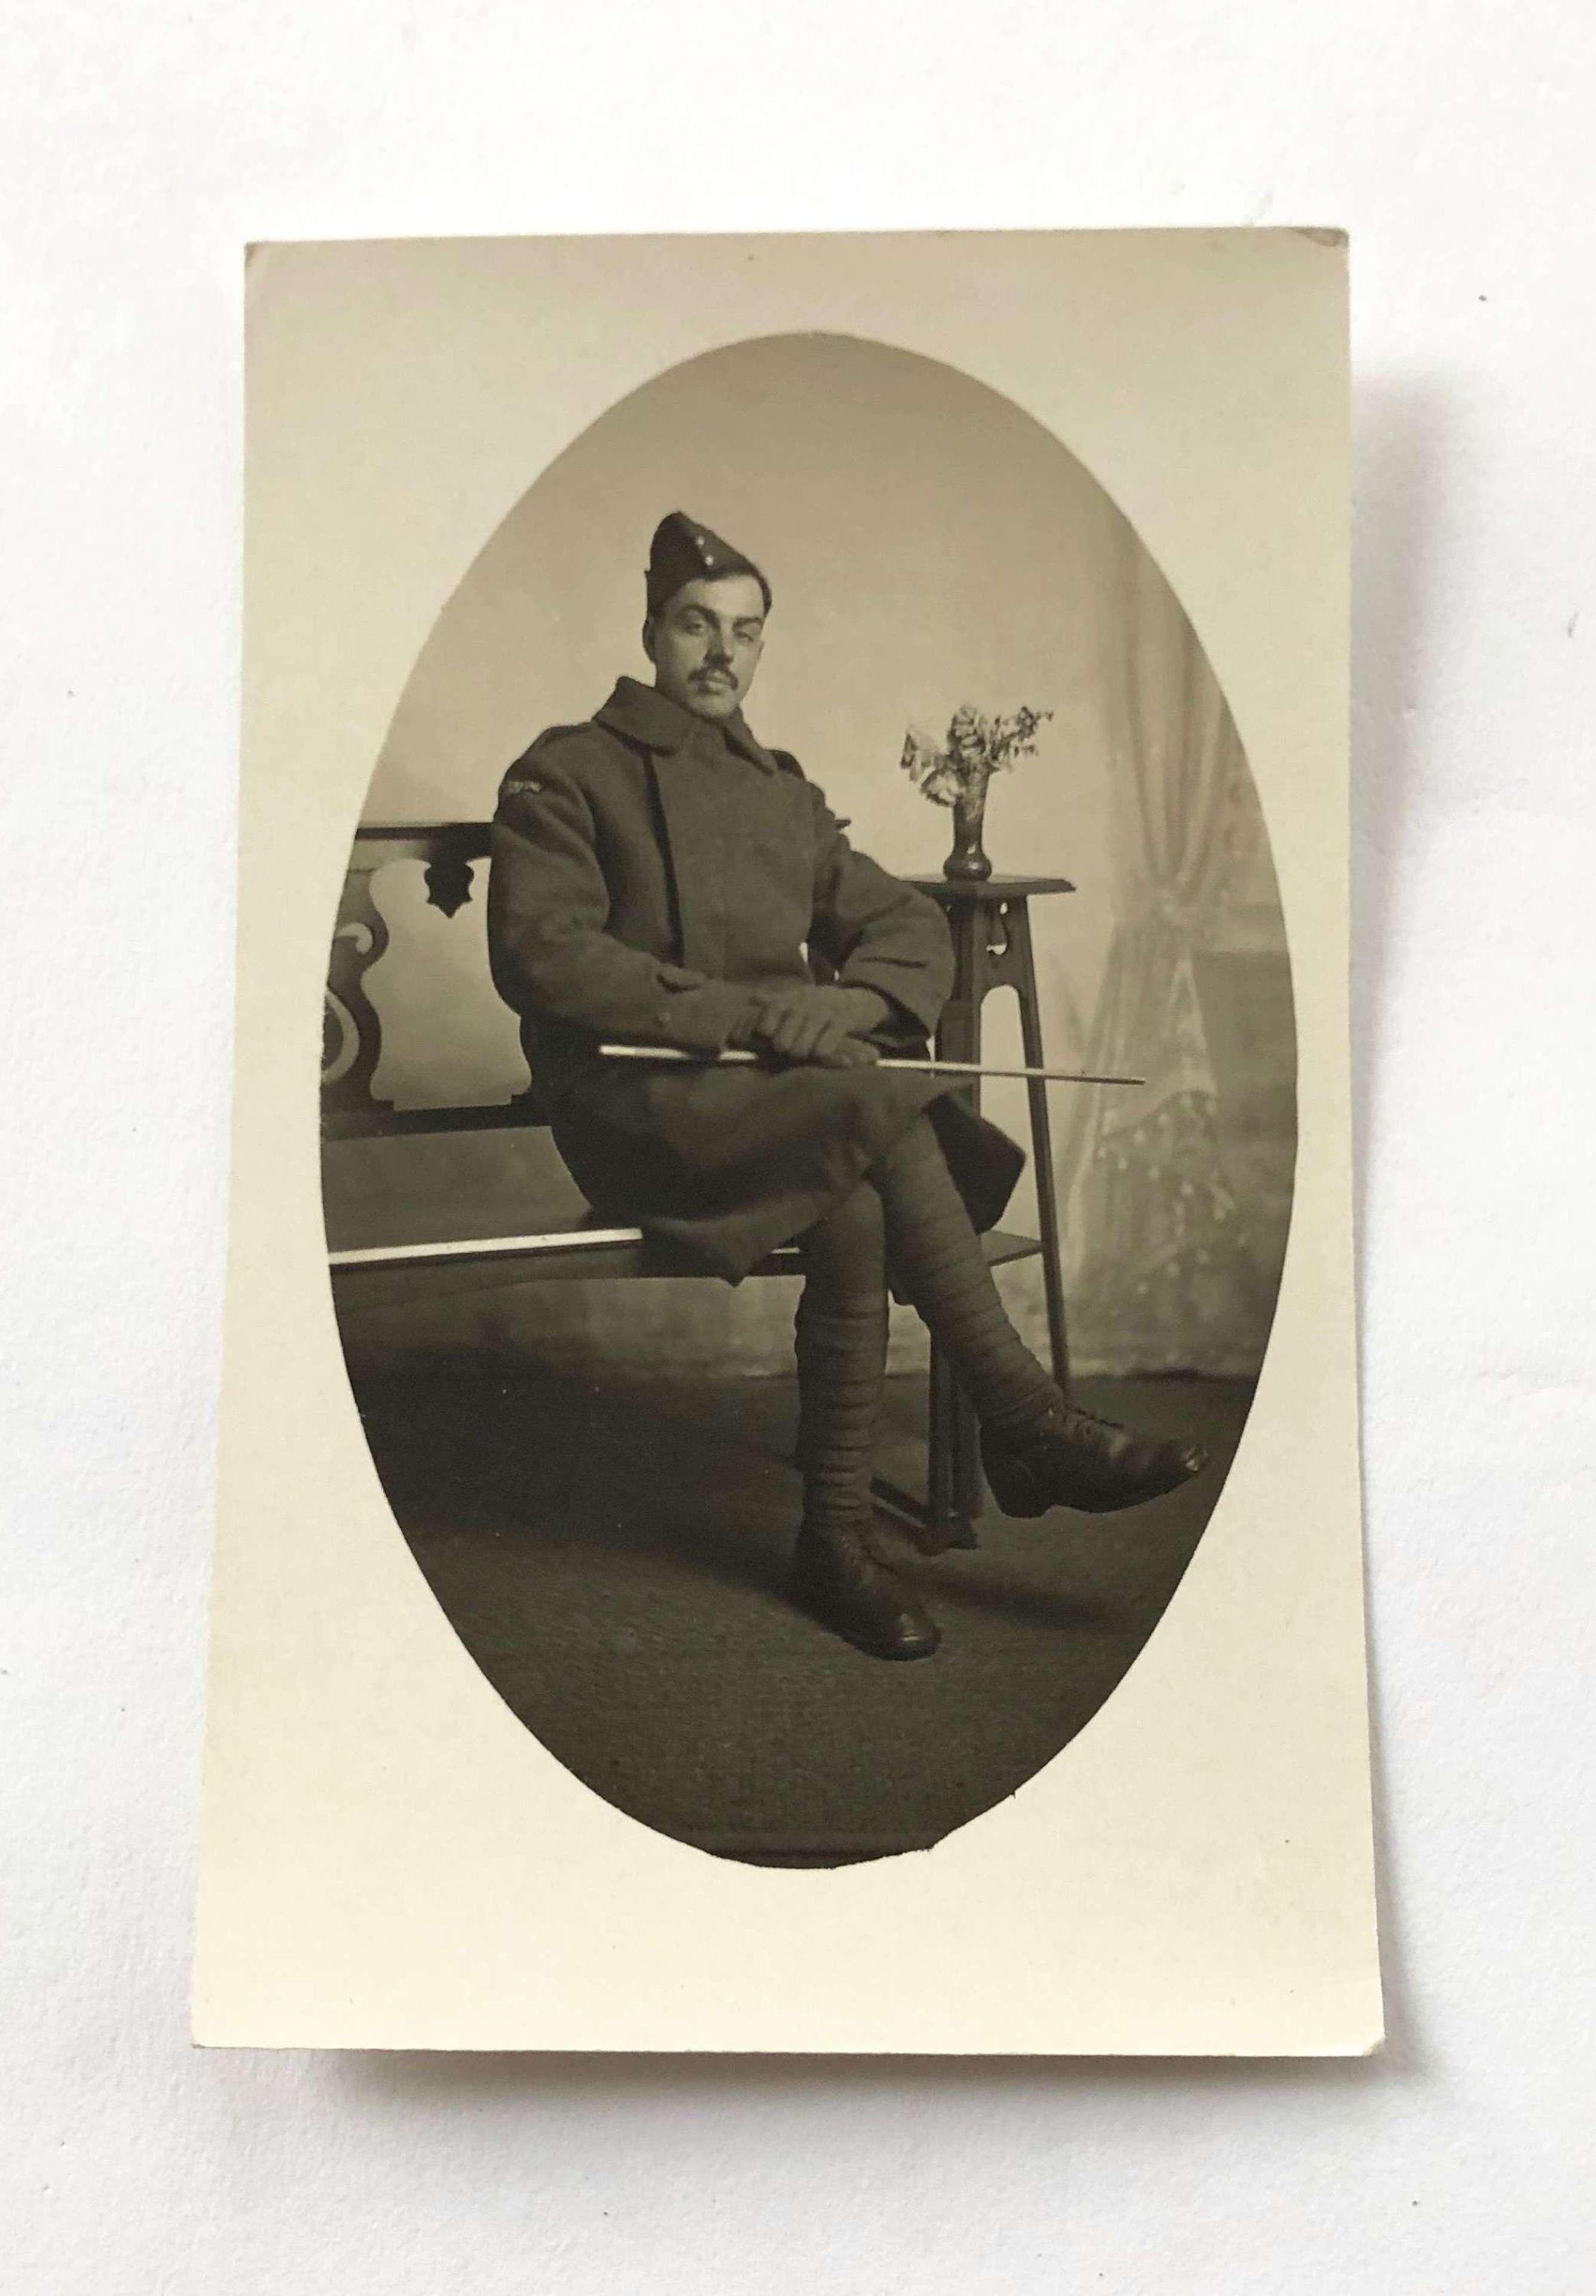 WW1 Royal Flying Corps Original Postcard Photograph.